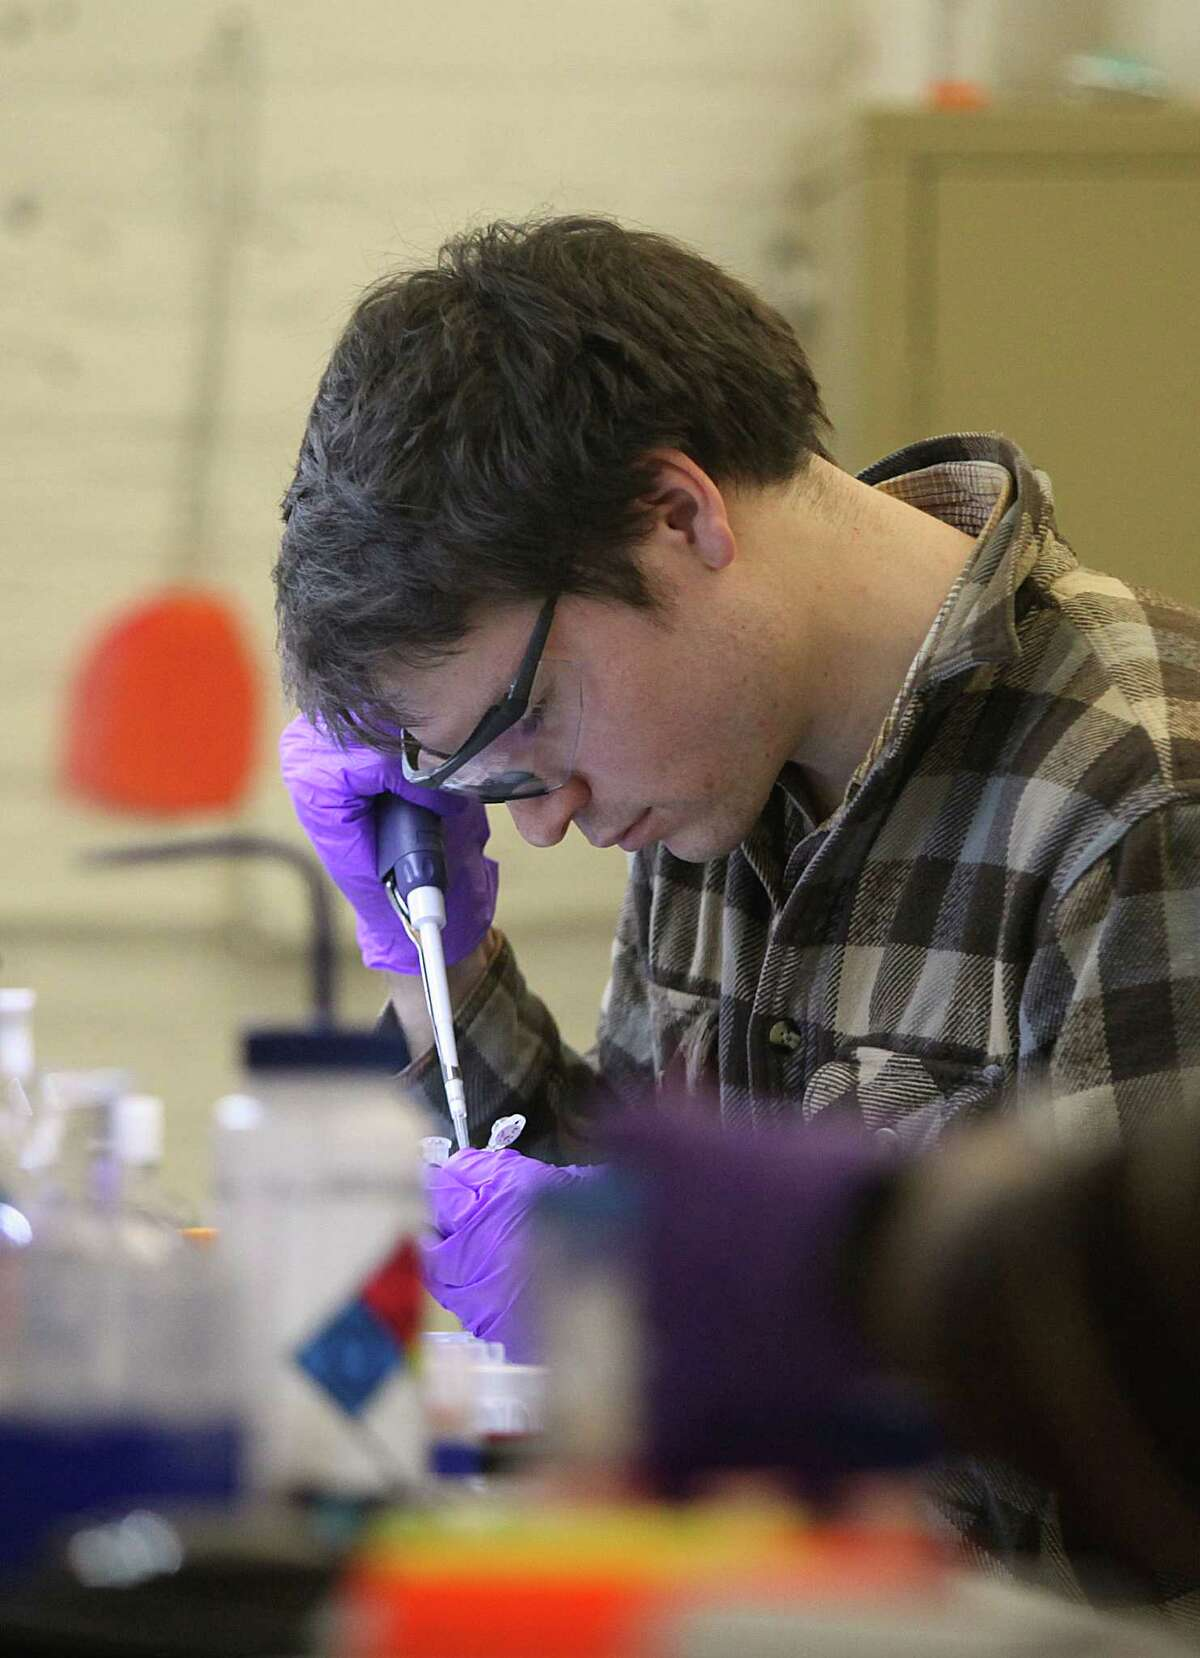 Scientist Sean Hacking prepares emulsion at Cambrian Genomics in San Francisco on Dec. 11.